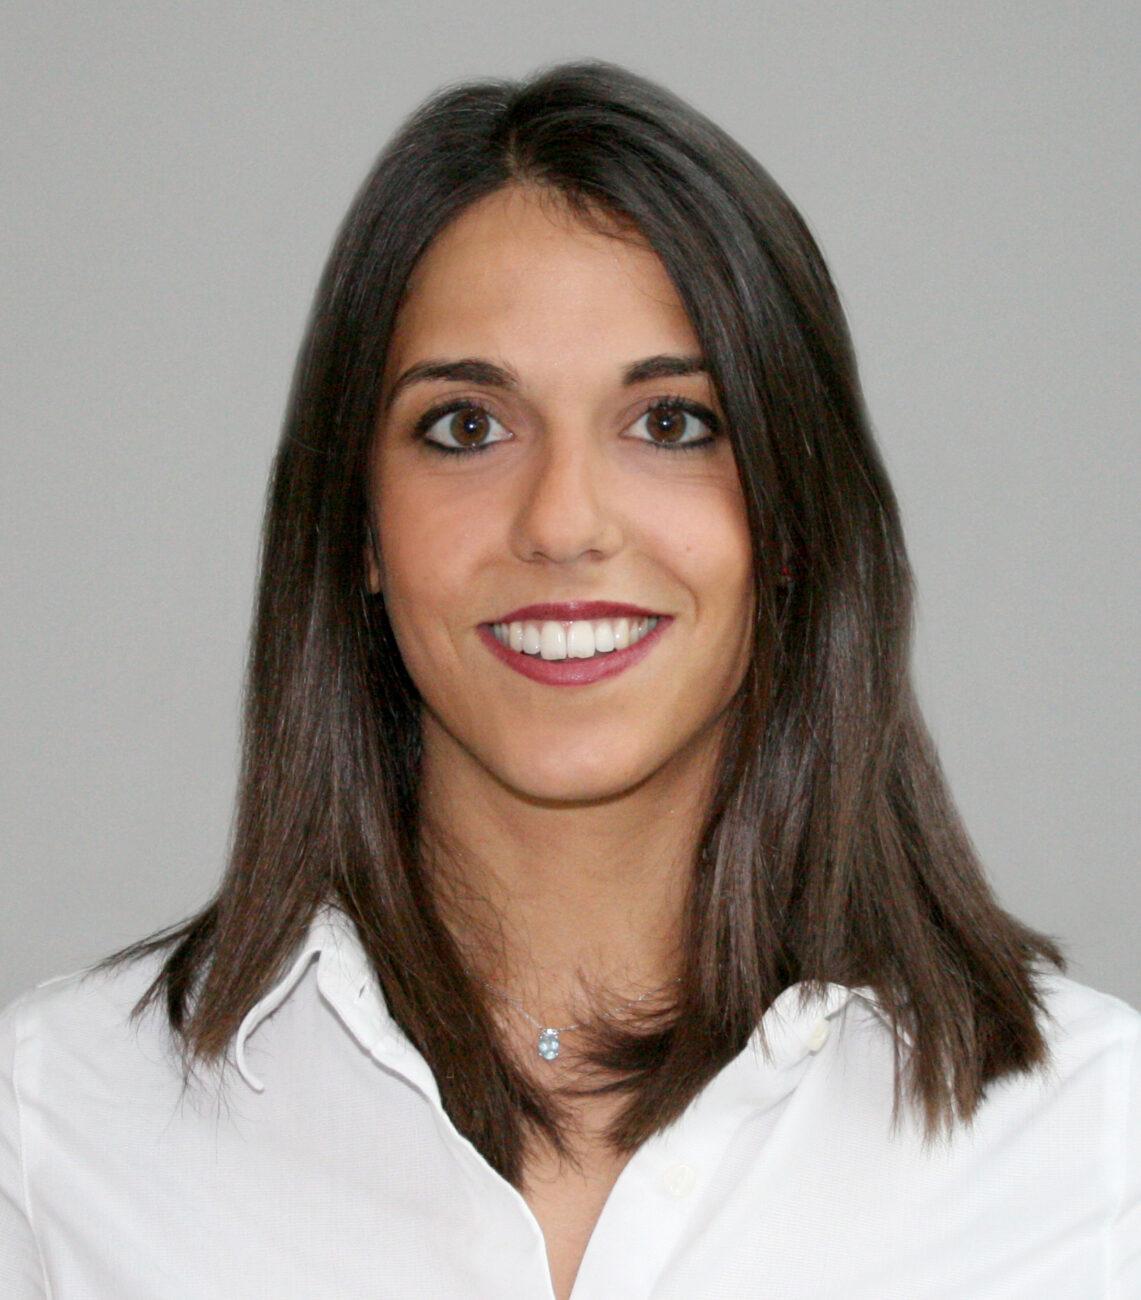 Giorgia Sali